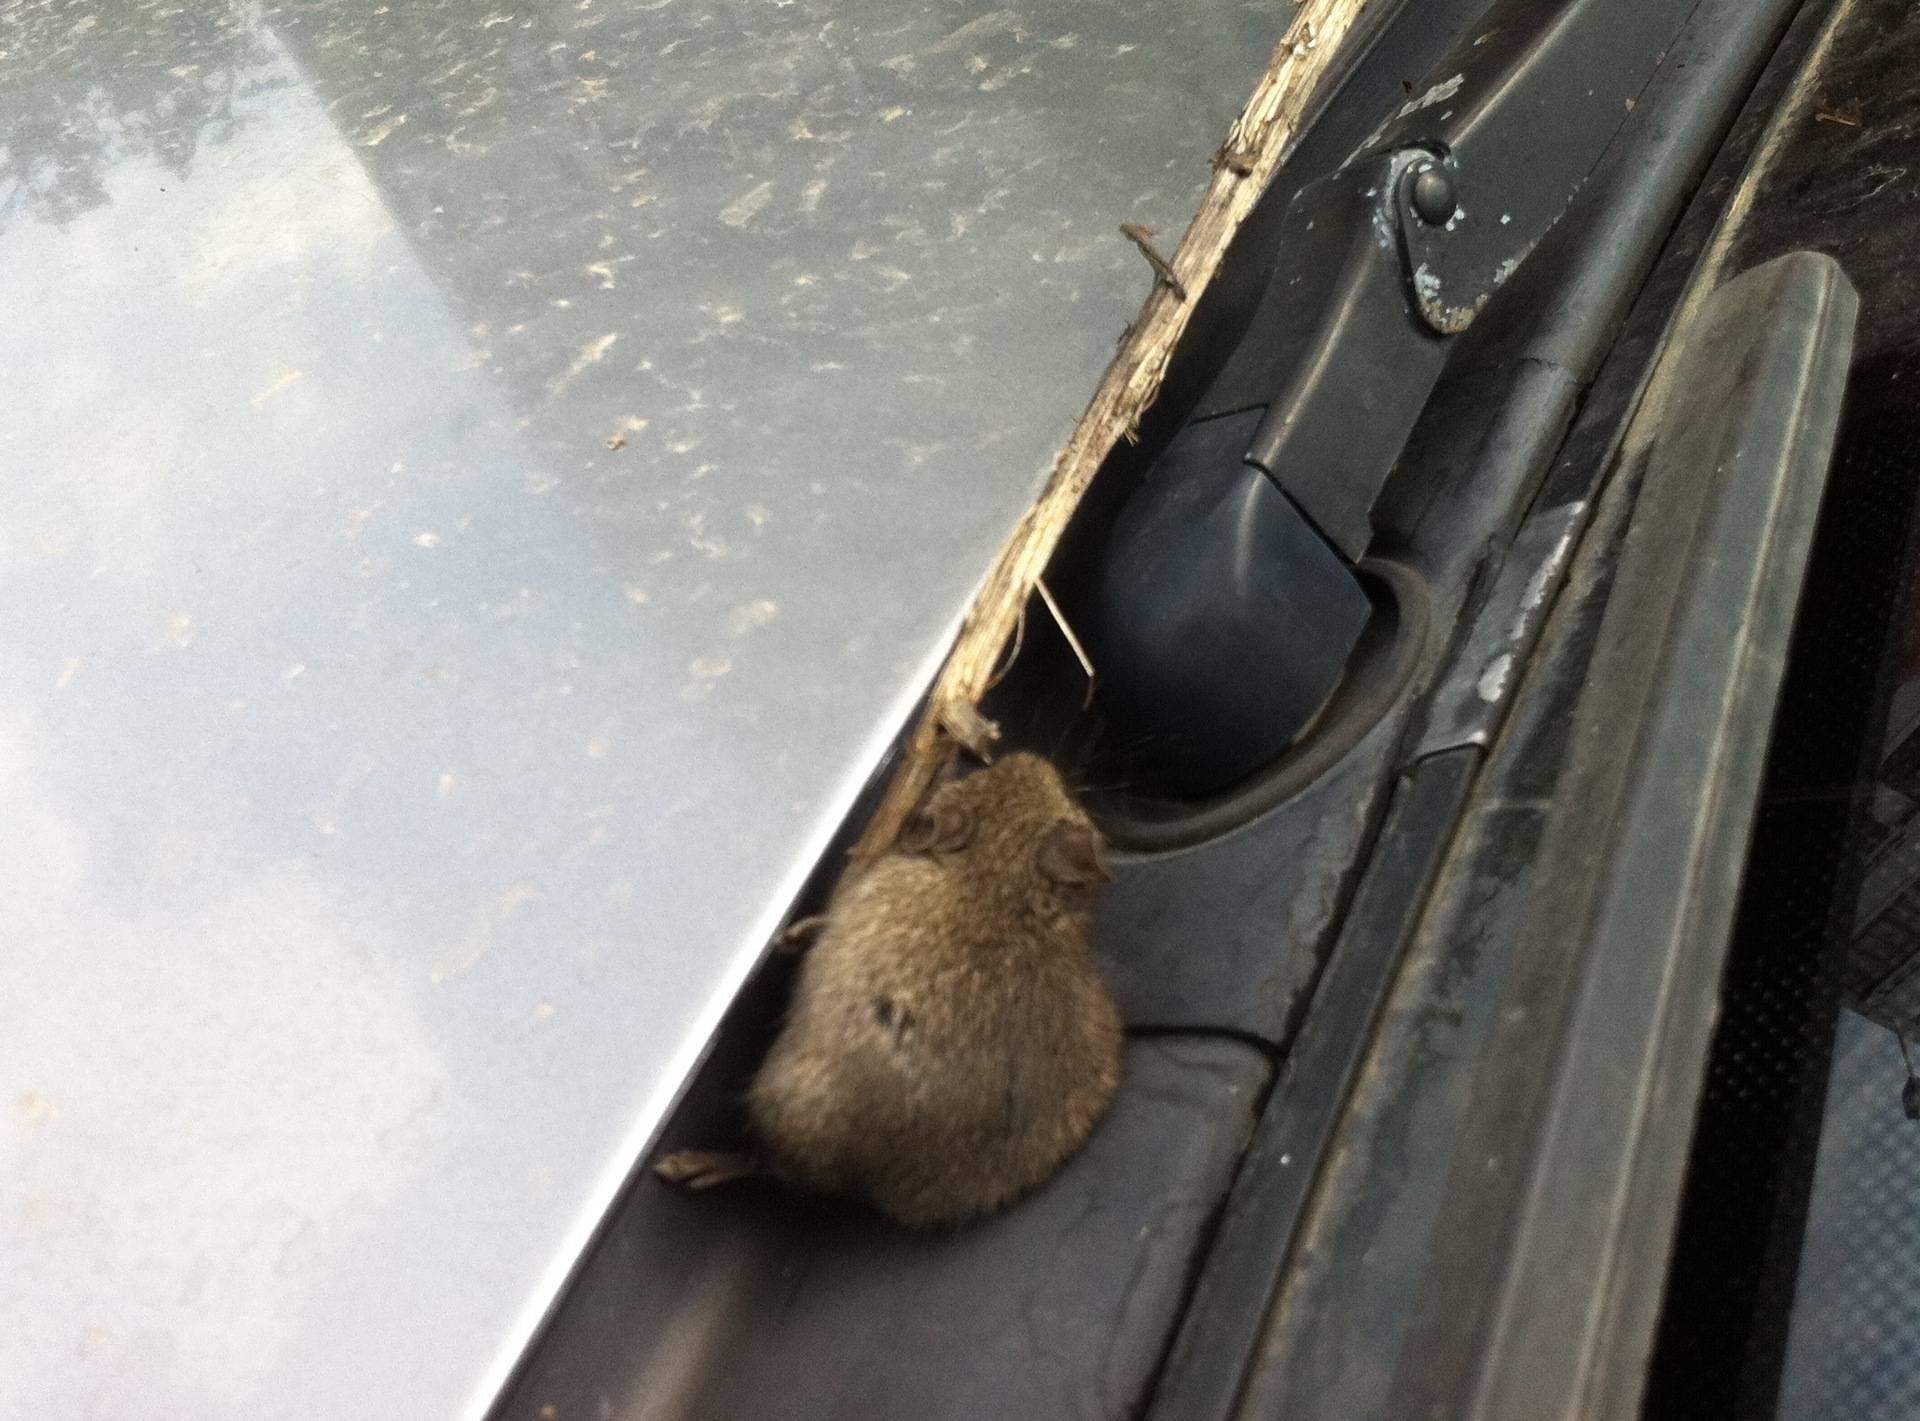 Как избавиться от мышей в машине навсегда